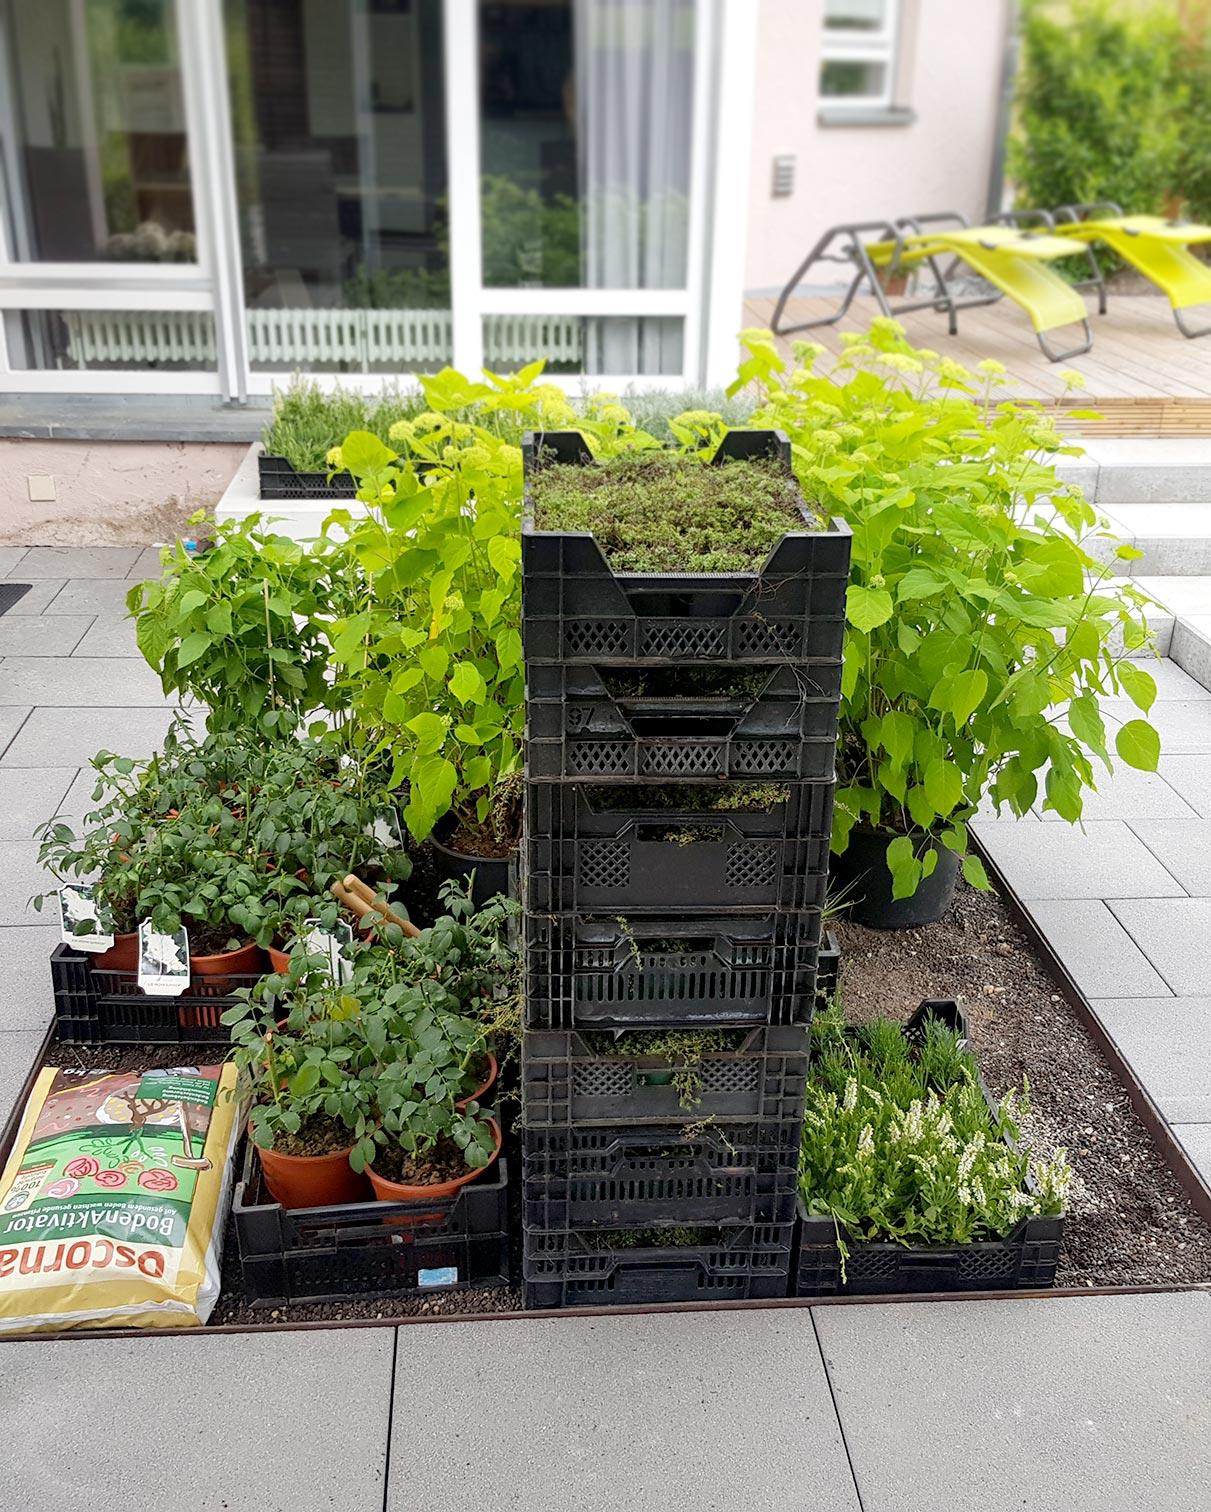 bolay-gartenbau_projekte_raffinierte-gartenanlage_bepflanzung